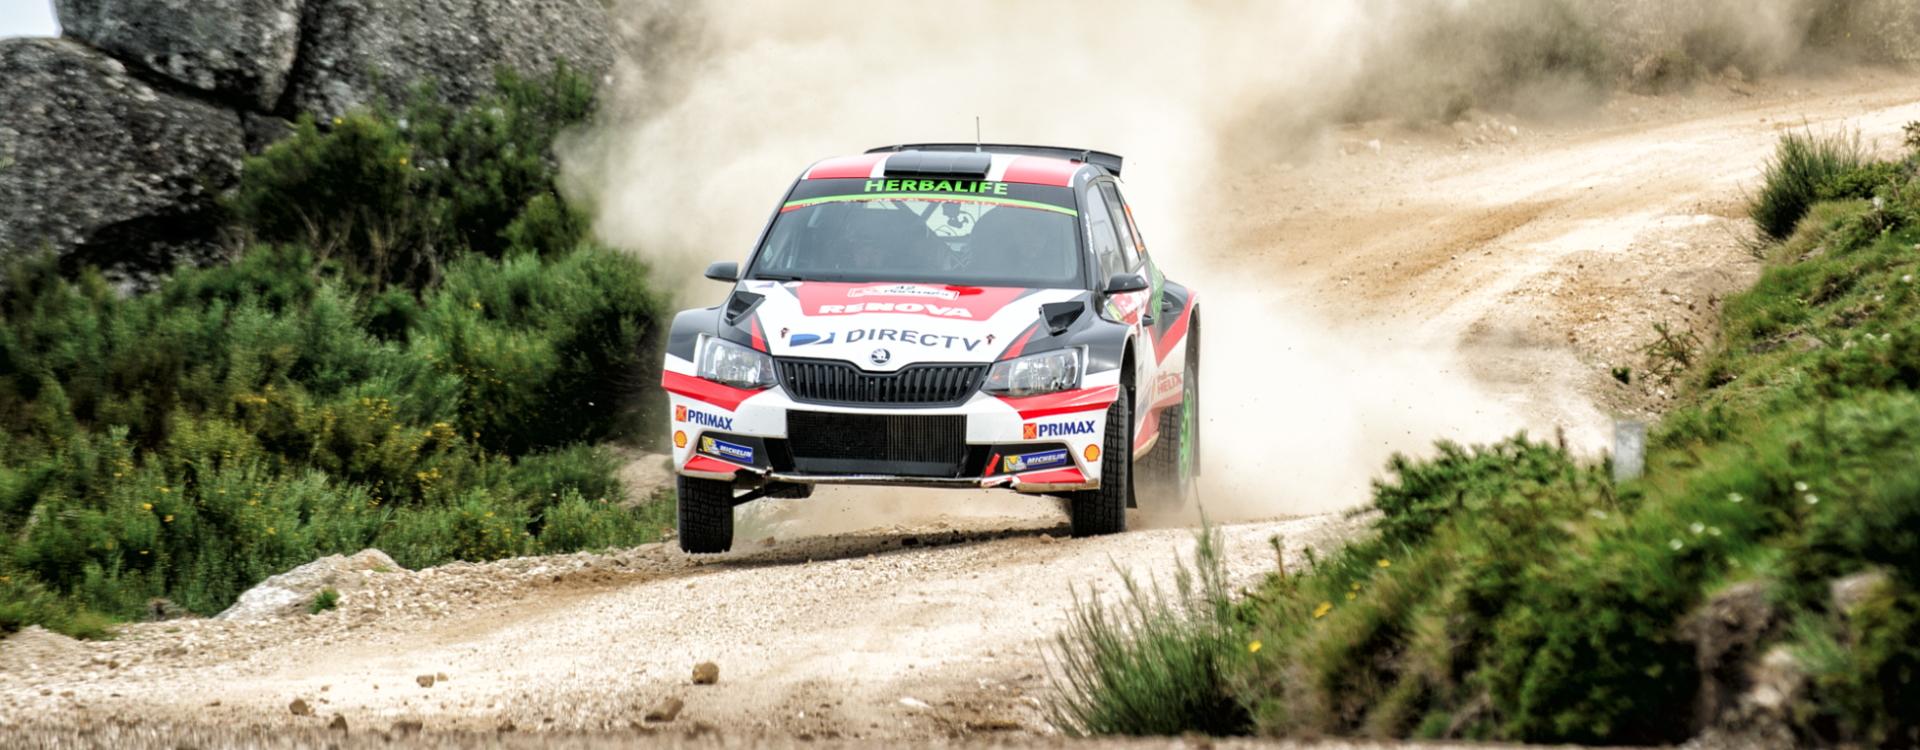 V kategorii WRC2 ovládly Portugalskou rally vozy ŠKODA Fabia R5